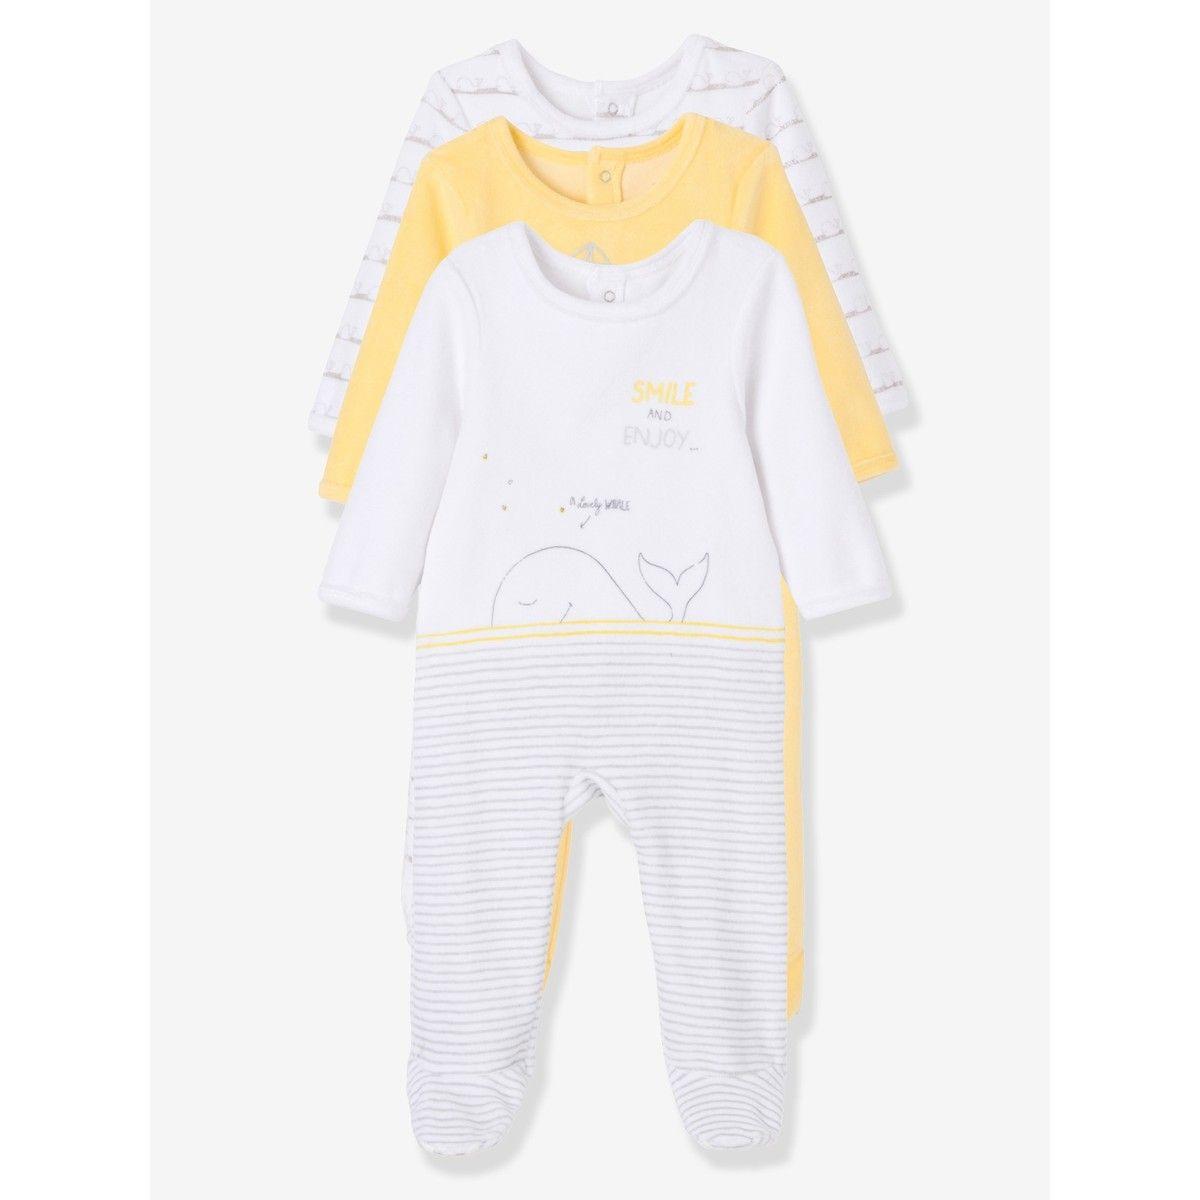 0c414c139e9f3 Lot de 3 pyjamas bébé en velours imprimé pressionnés dos Vertbaudet jaune imprimé  multicolore